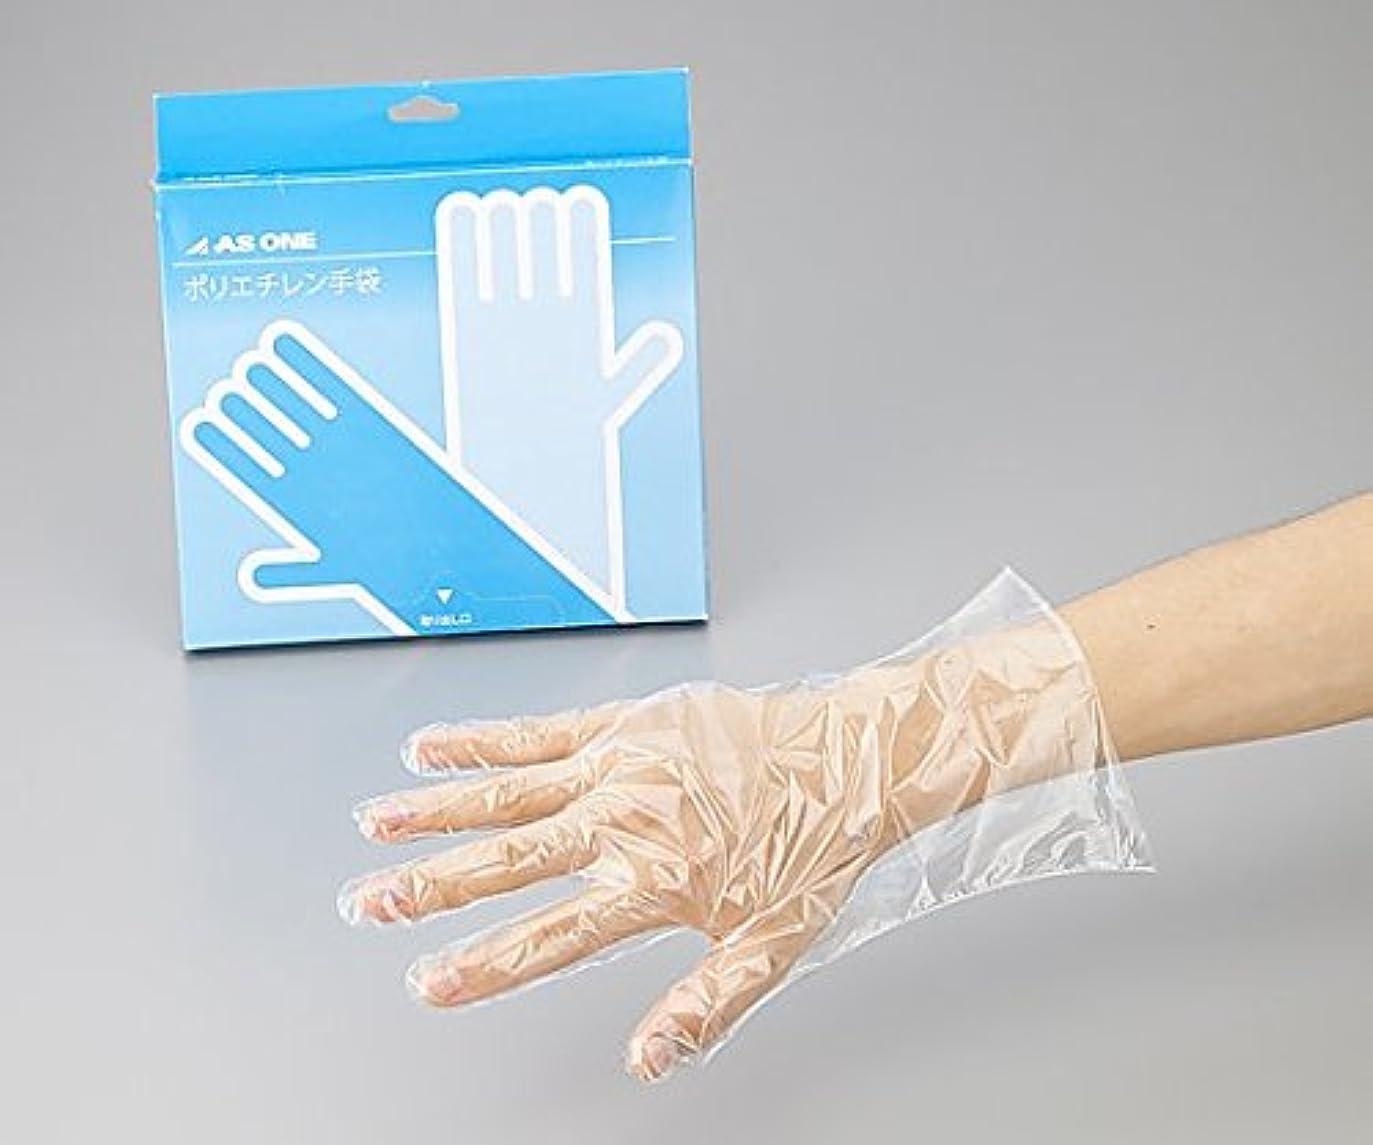 アズワン2-4972-01ポリエチレン手袋エコノミー薄手L100枚入